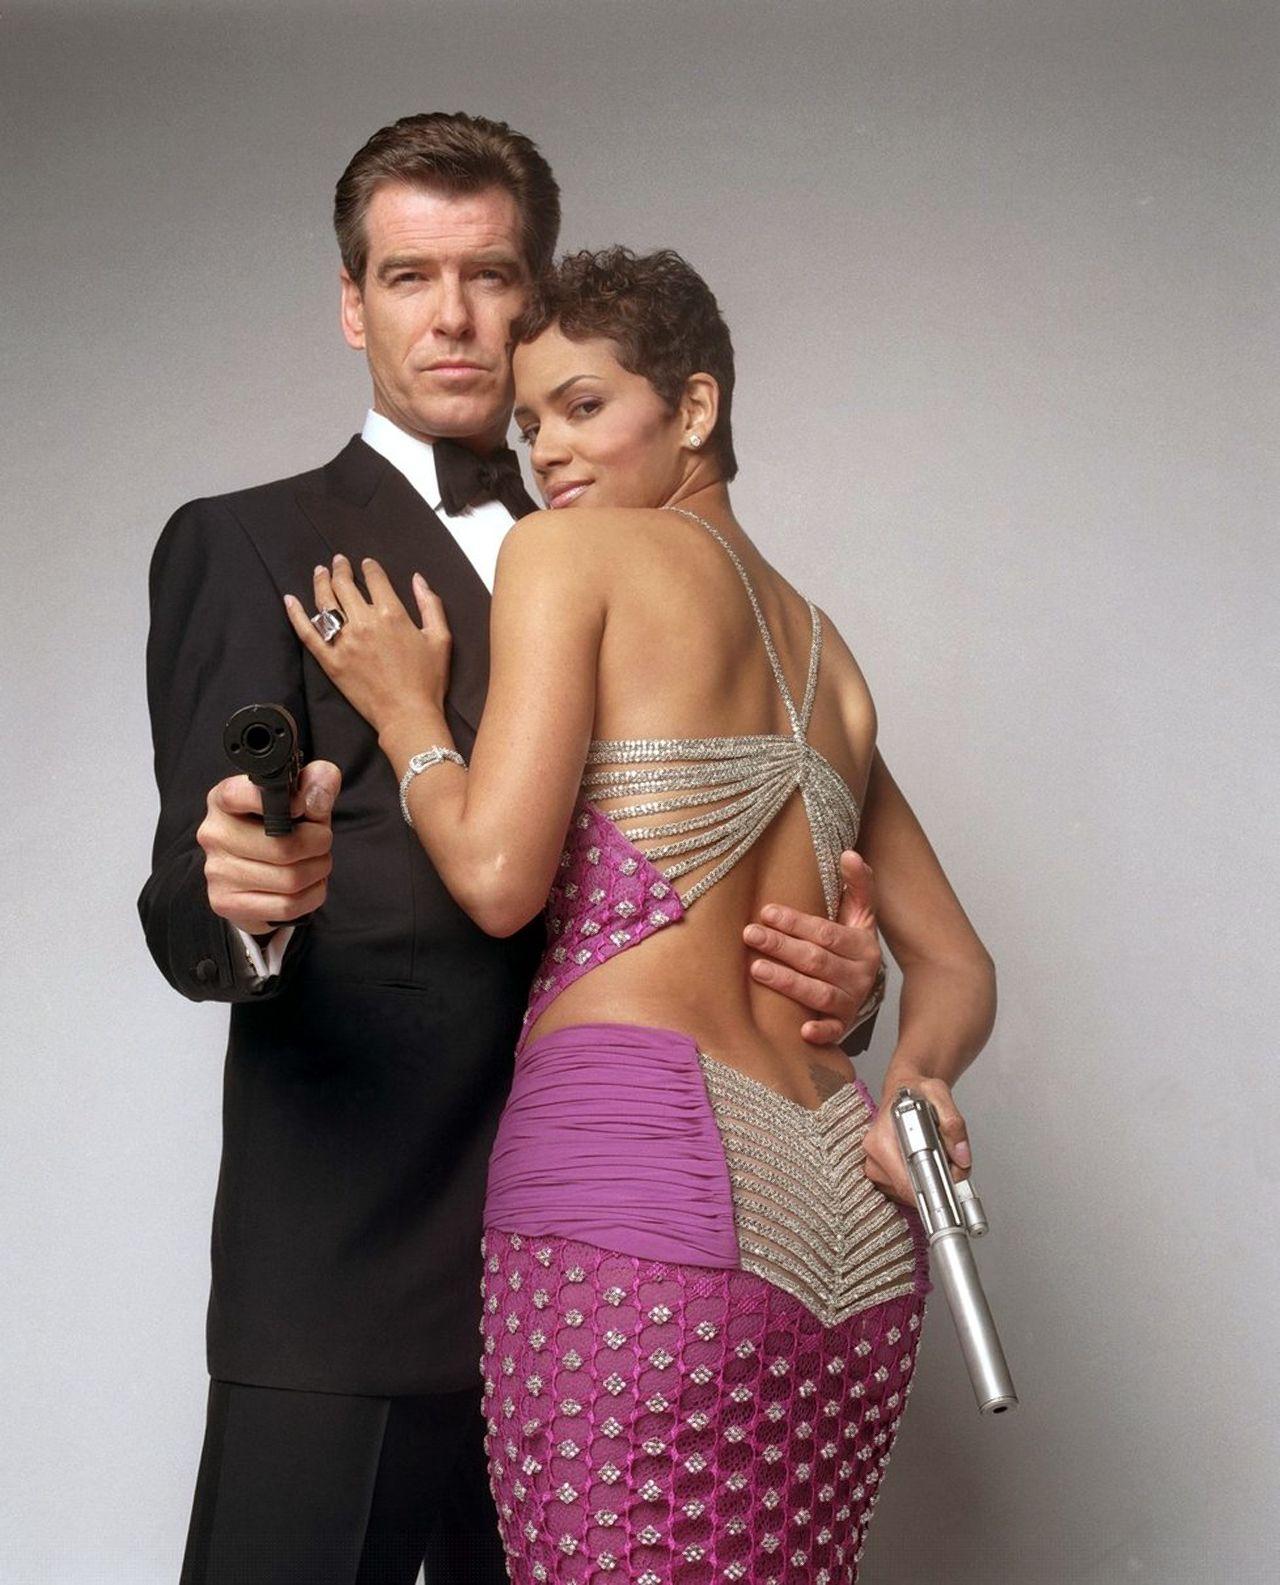 Halle Berry James Bond : halle, berry, james, 2002., Halle, Berry,, Pierce, Brosnan., James, Girls,, Women,, Women